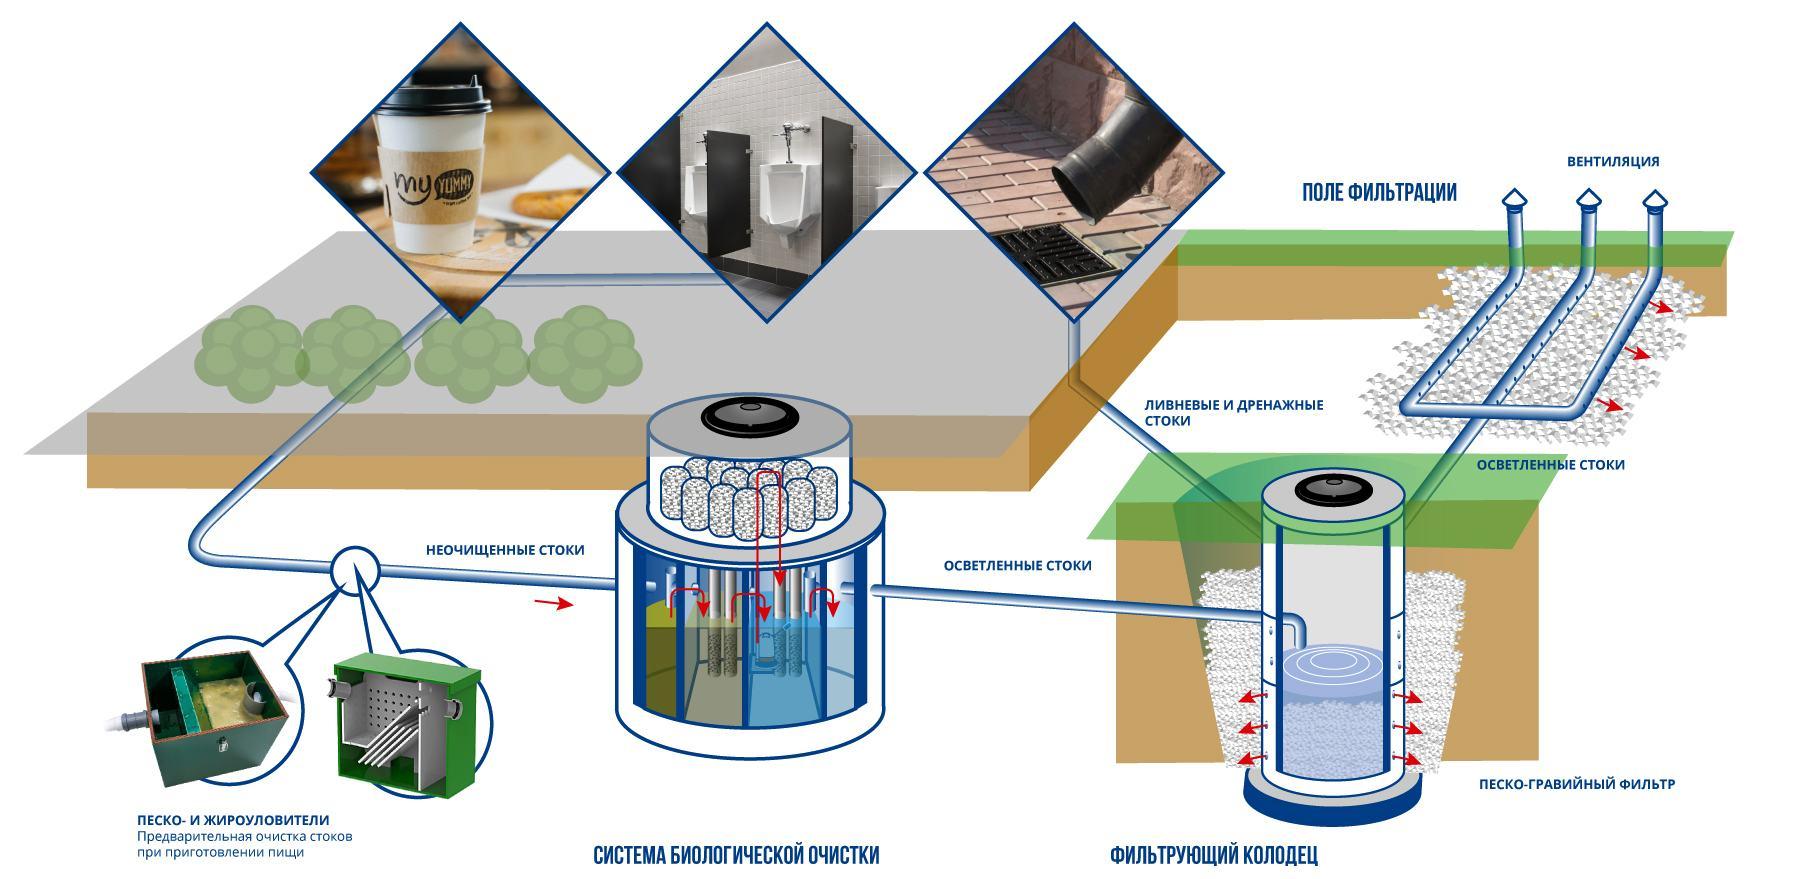 Автономная система канализации детского сада, школы, образовательных учреждений